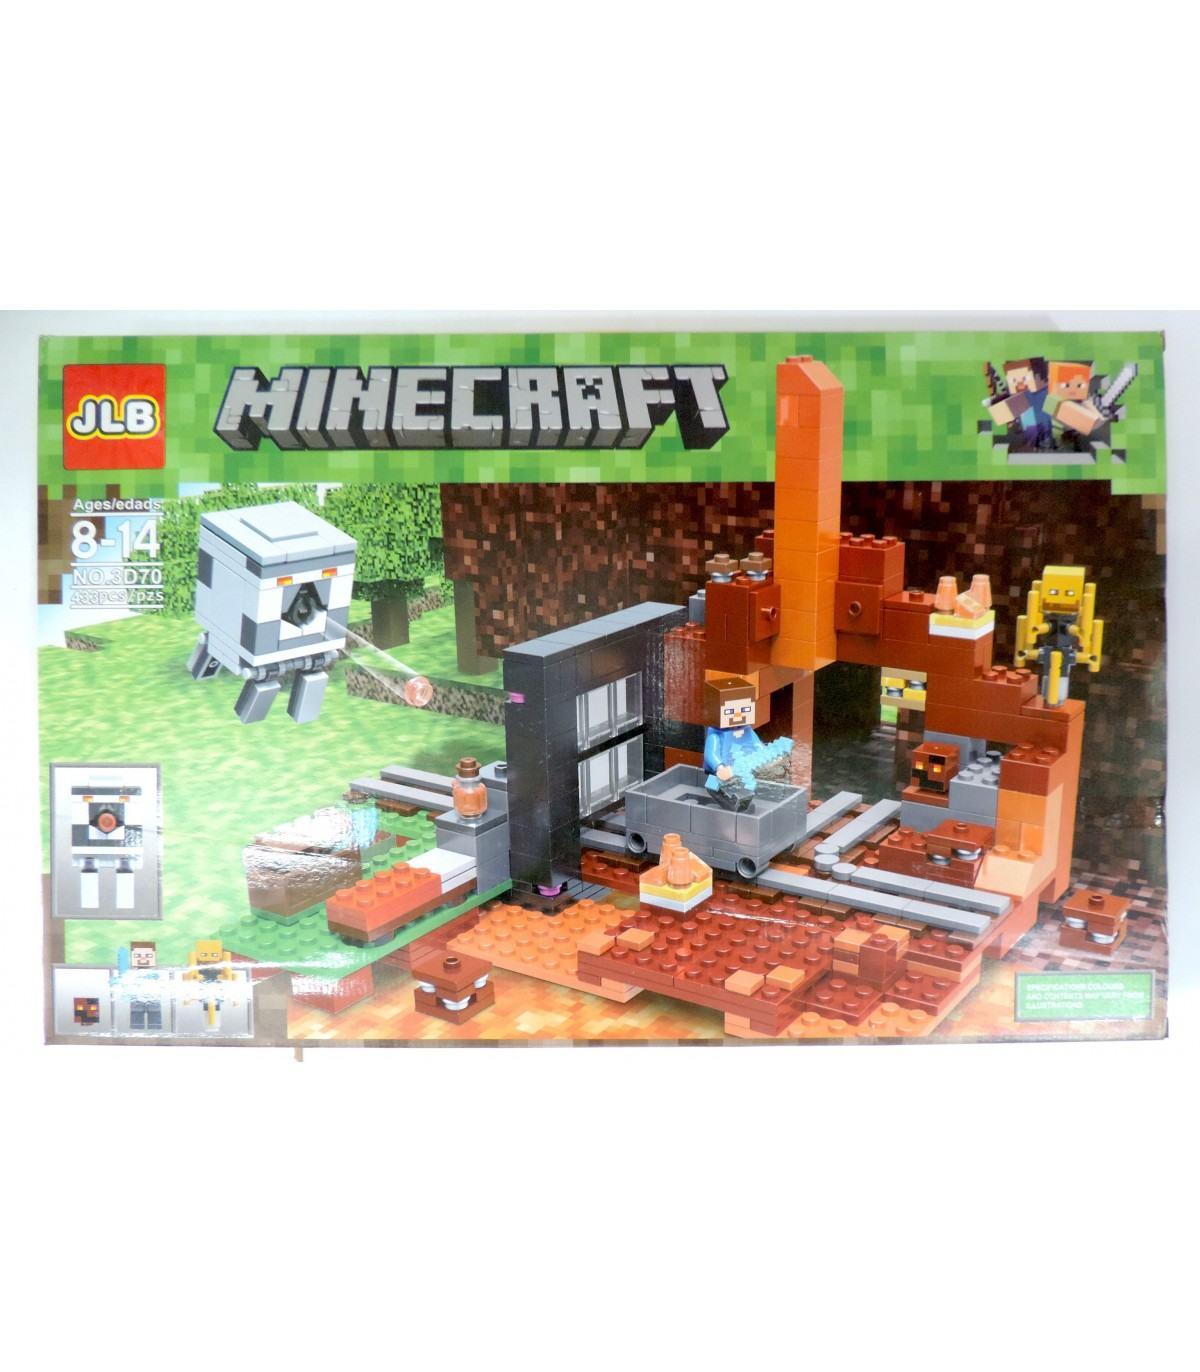 Фотография 1 товарной позиции интернет-магазина детских игрушек www.smarttoys.com.ua Великий конструктор Майнкрафт JLB Minecraft